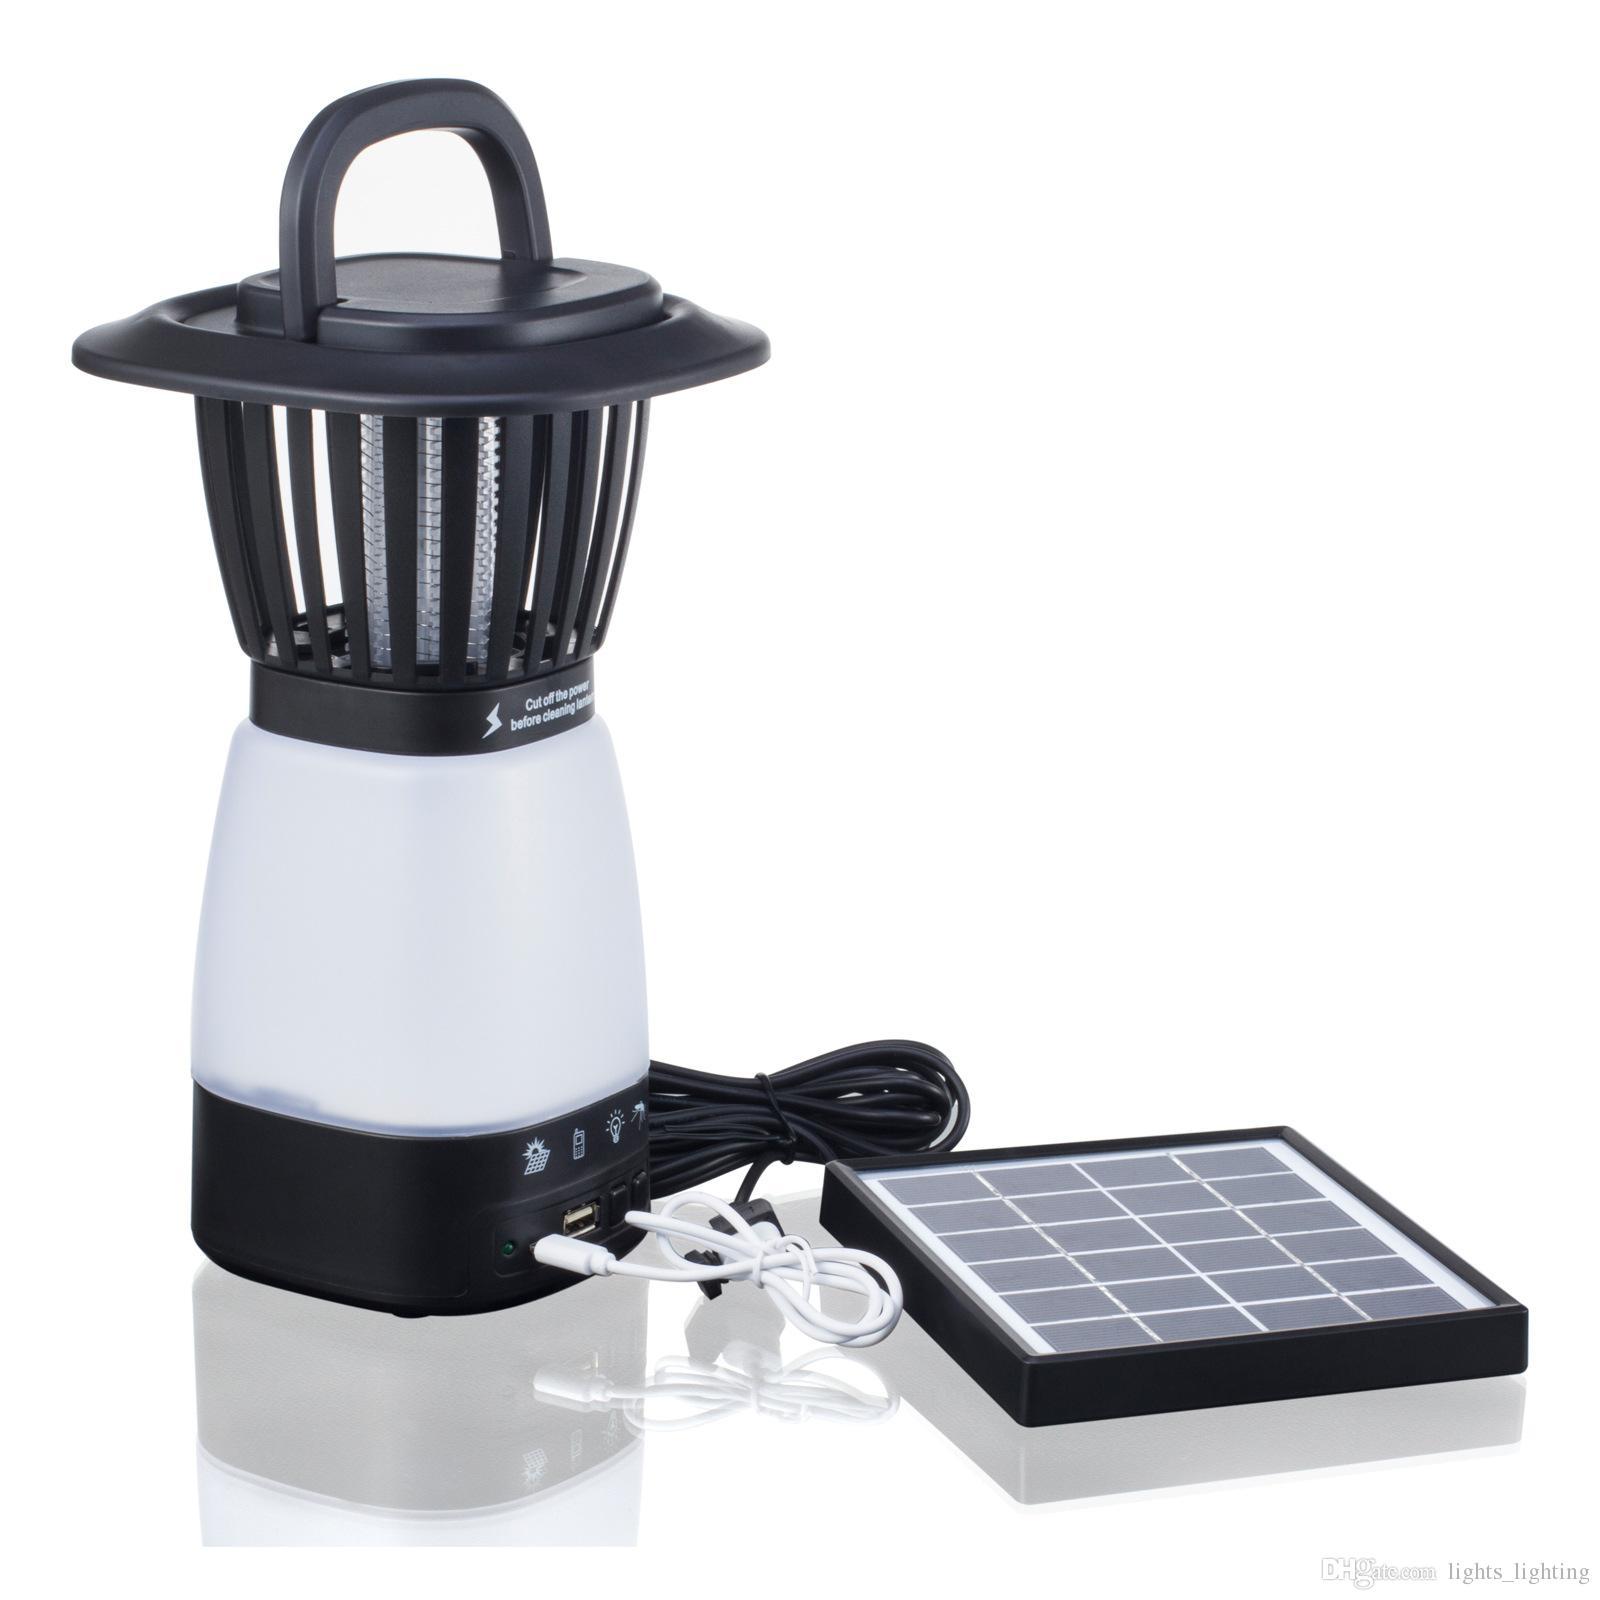 Lâmpadas solares Multifuncional lâmpada LED mosquito matando lâmpada de acampamento ao ar livre dupla finalidade ao ar livre lâmpada com carregamento de energia solar